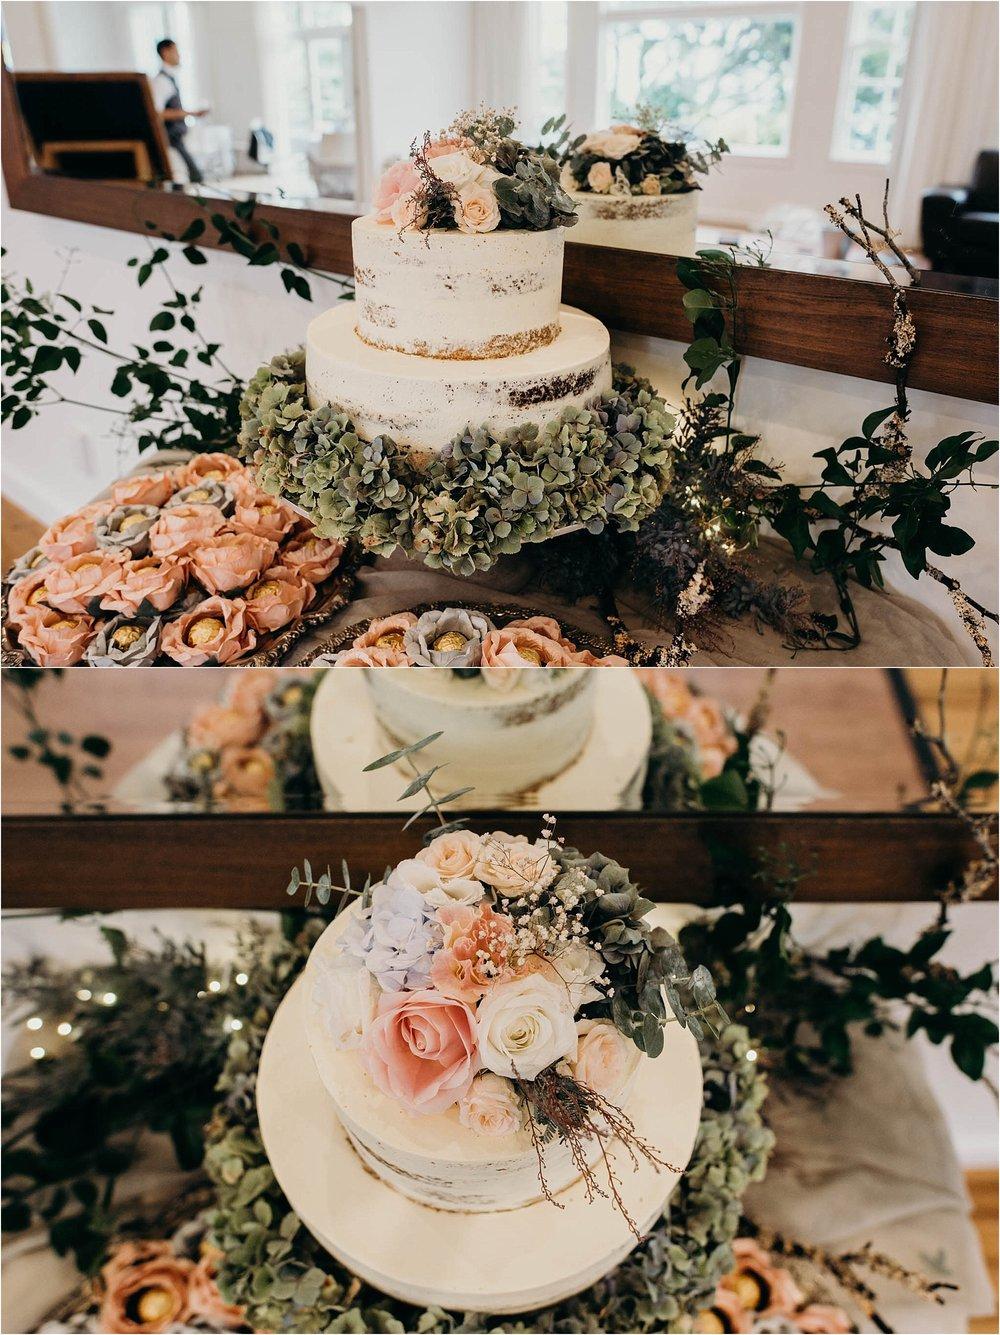 Auckland-Wedding-Photographer-Vanessa-Julian-Officers-Mess-Married_0012.jpg